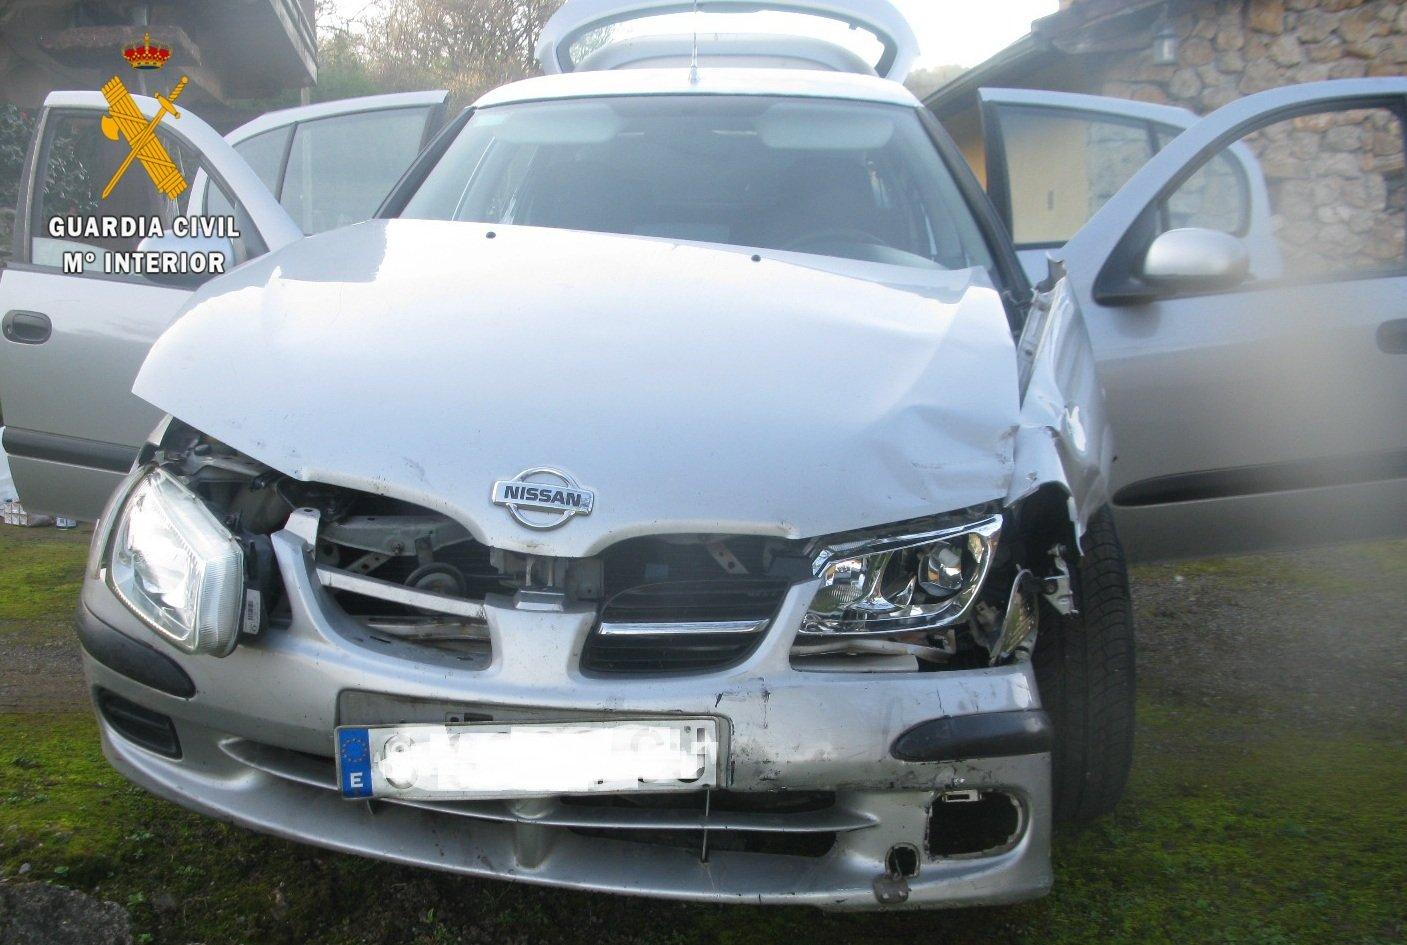 La Guardia Civil detiene a una persona que provocó un accidente circulando en sentido contrario por la autovía A-63 cunado huía de un control